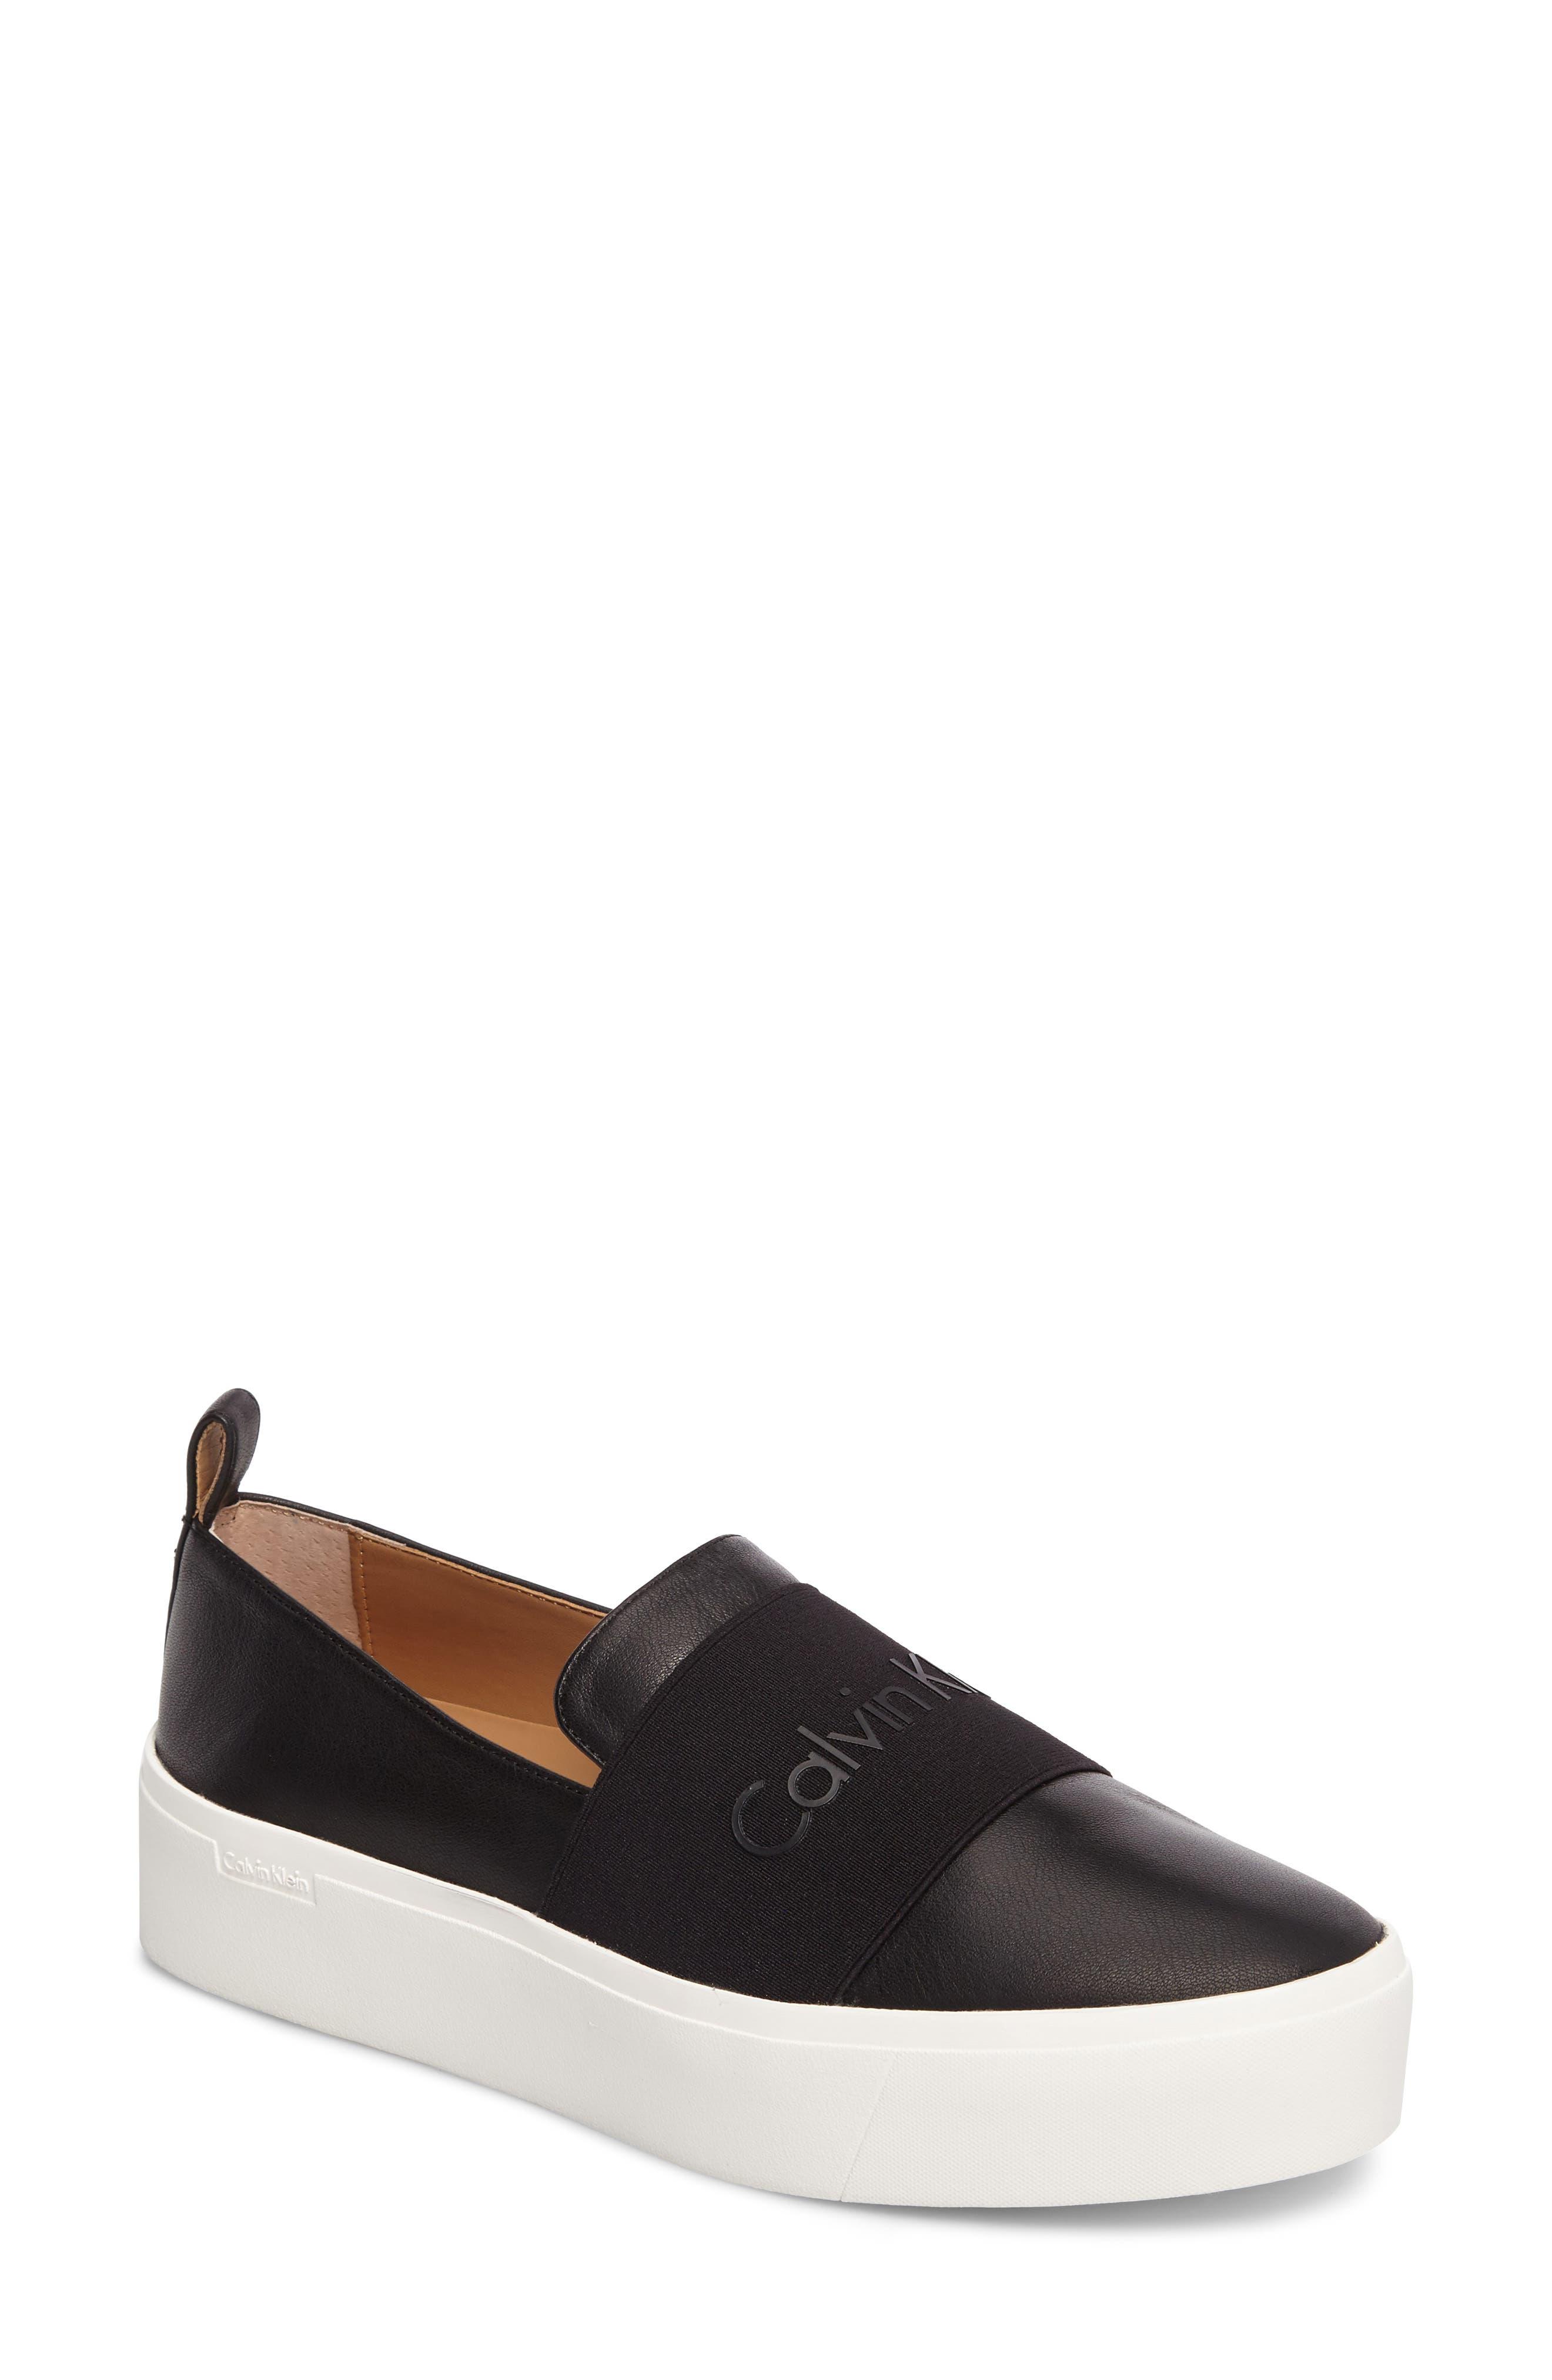 Jacinta Platform Sneaker,                         Main,                         color, 001